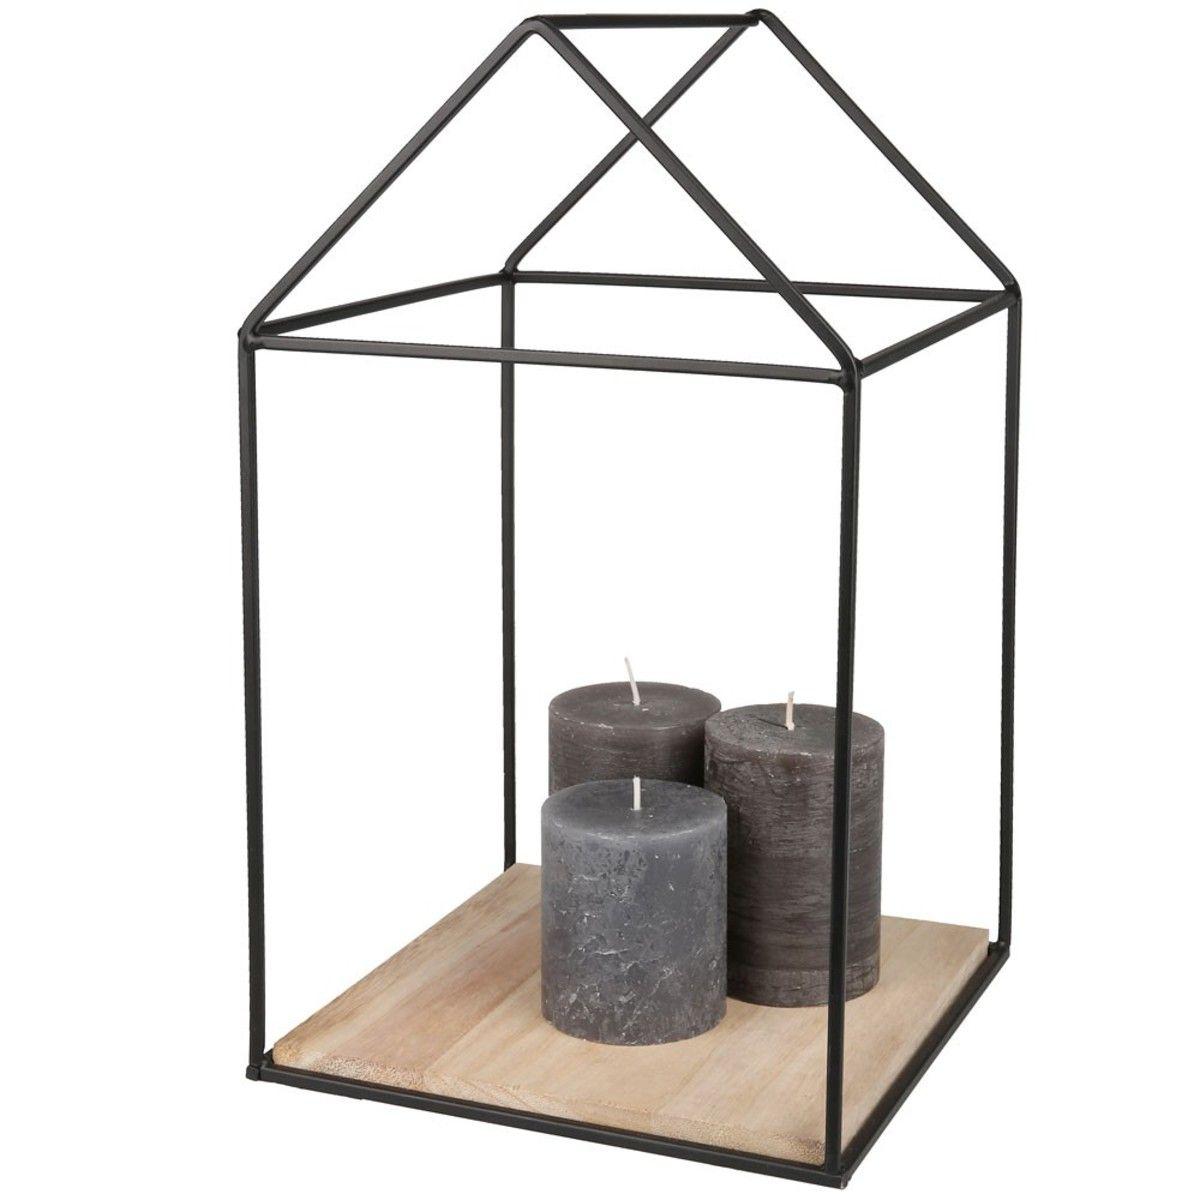 Deko Haus Aus Metall Von Tedi Ansehen Deko Holz Deko Haus Einrichten